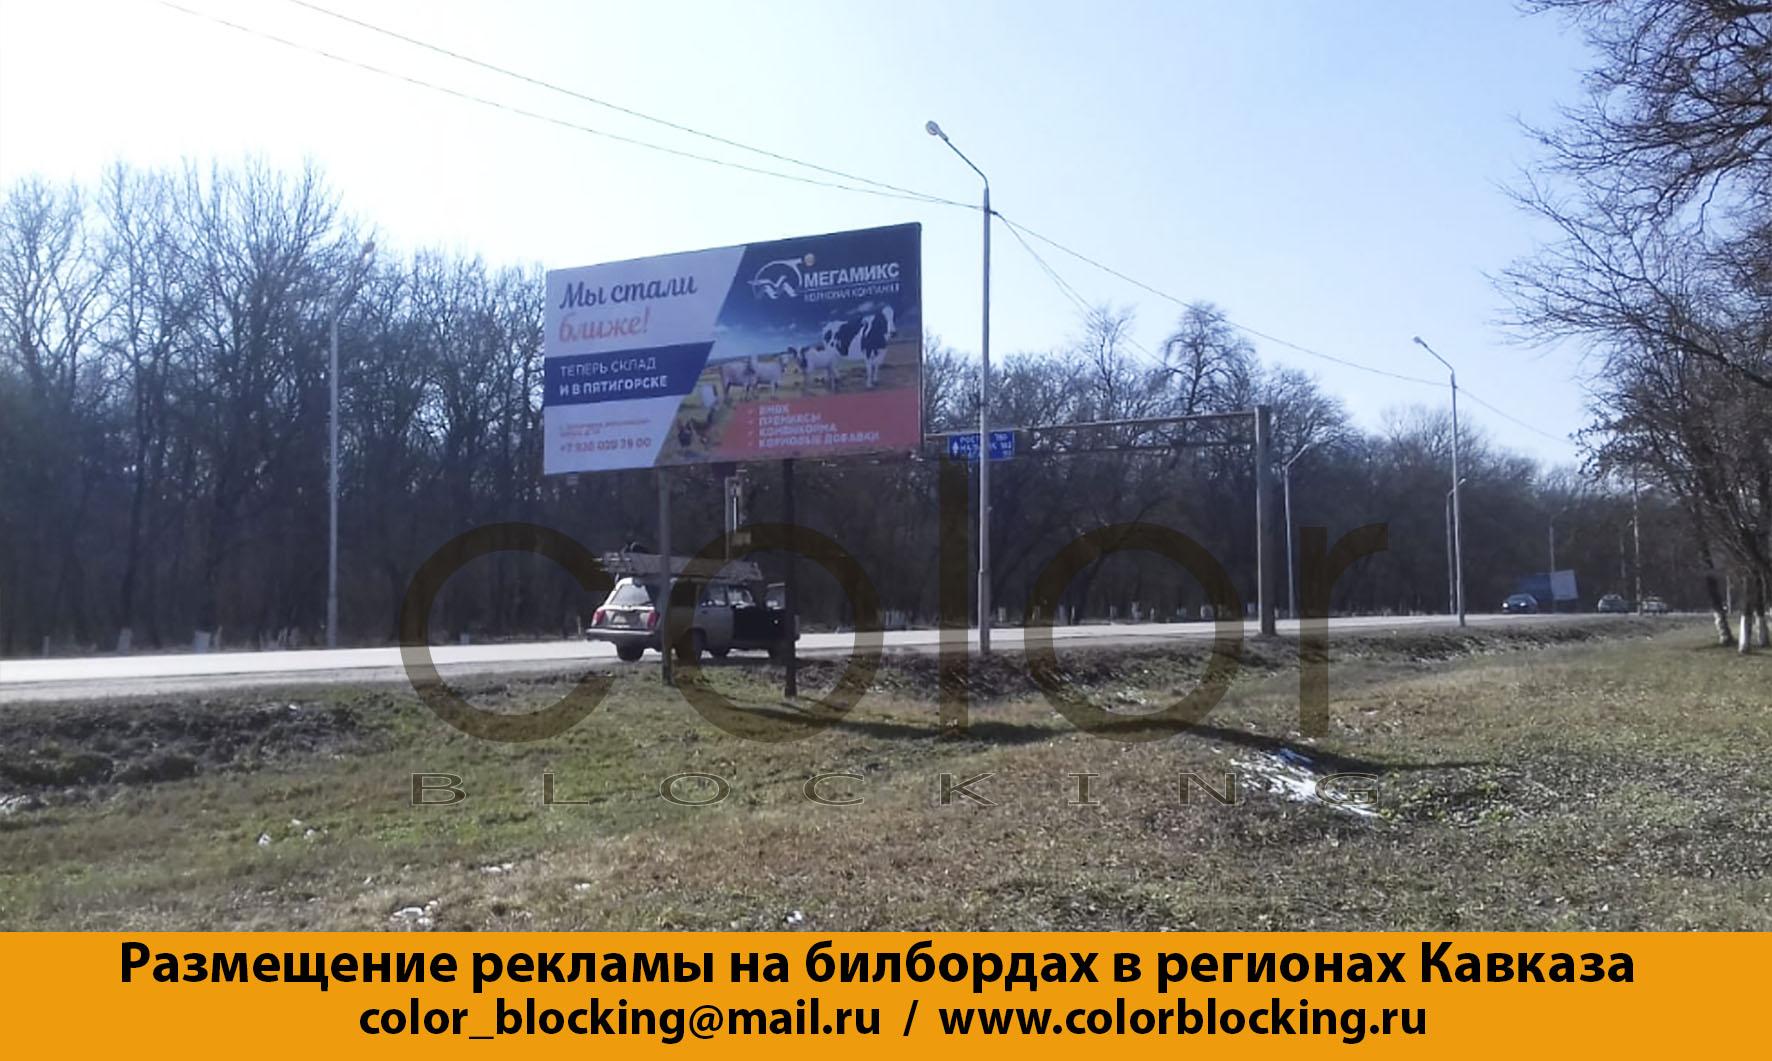 Реклама на билбордах на Кавказе Грозный